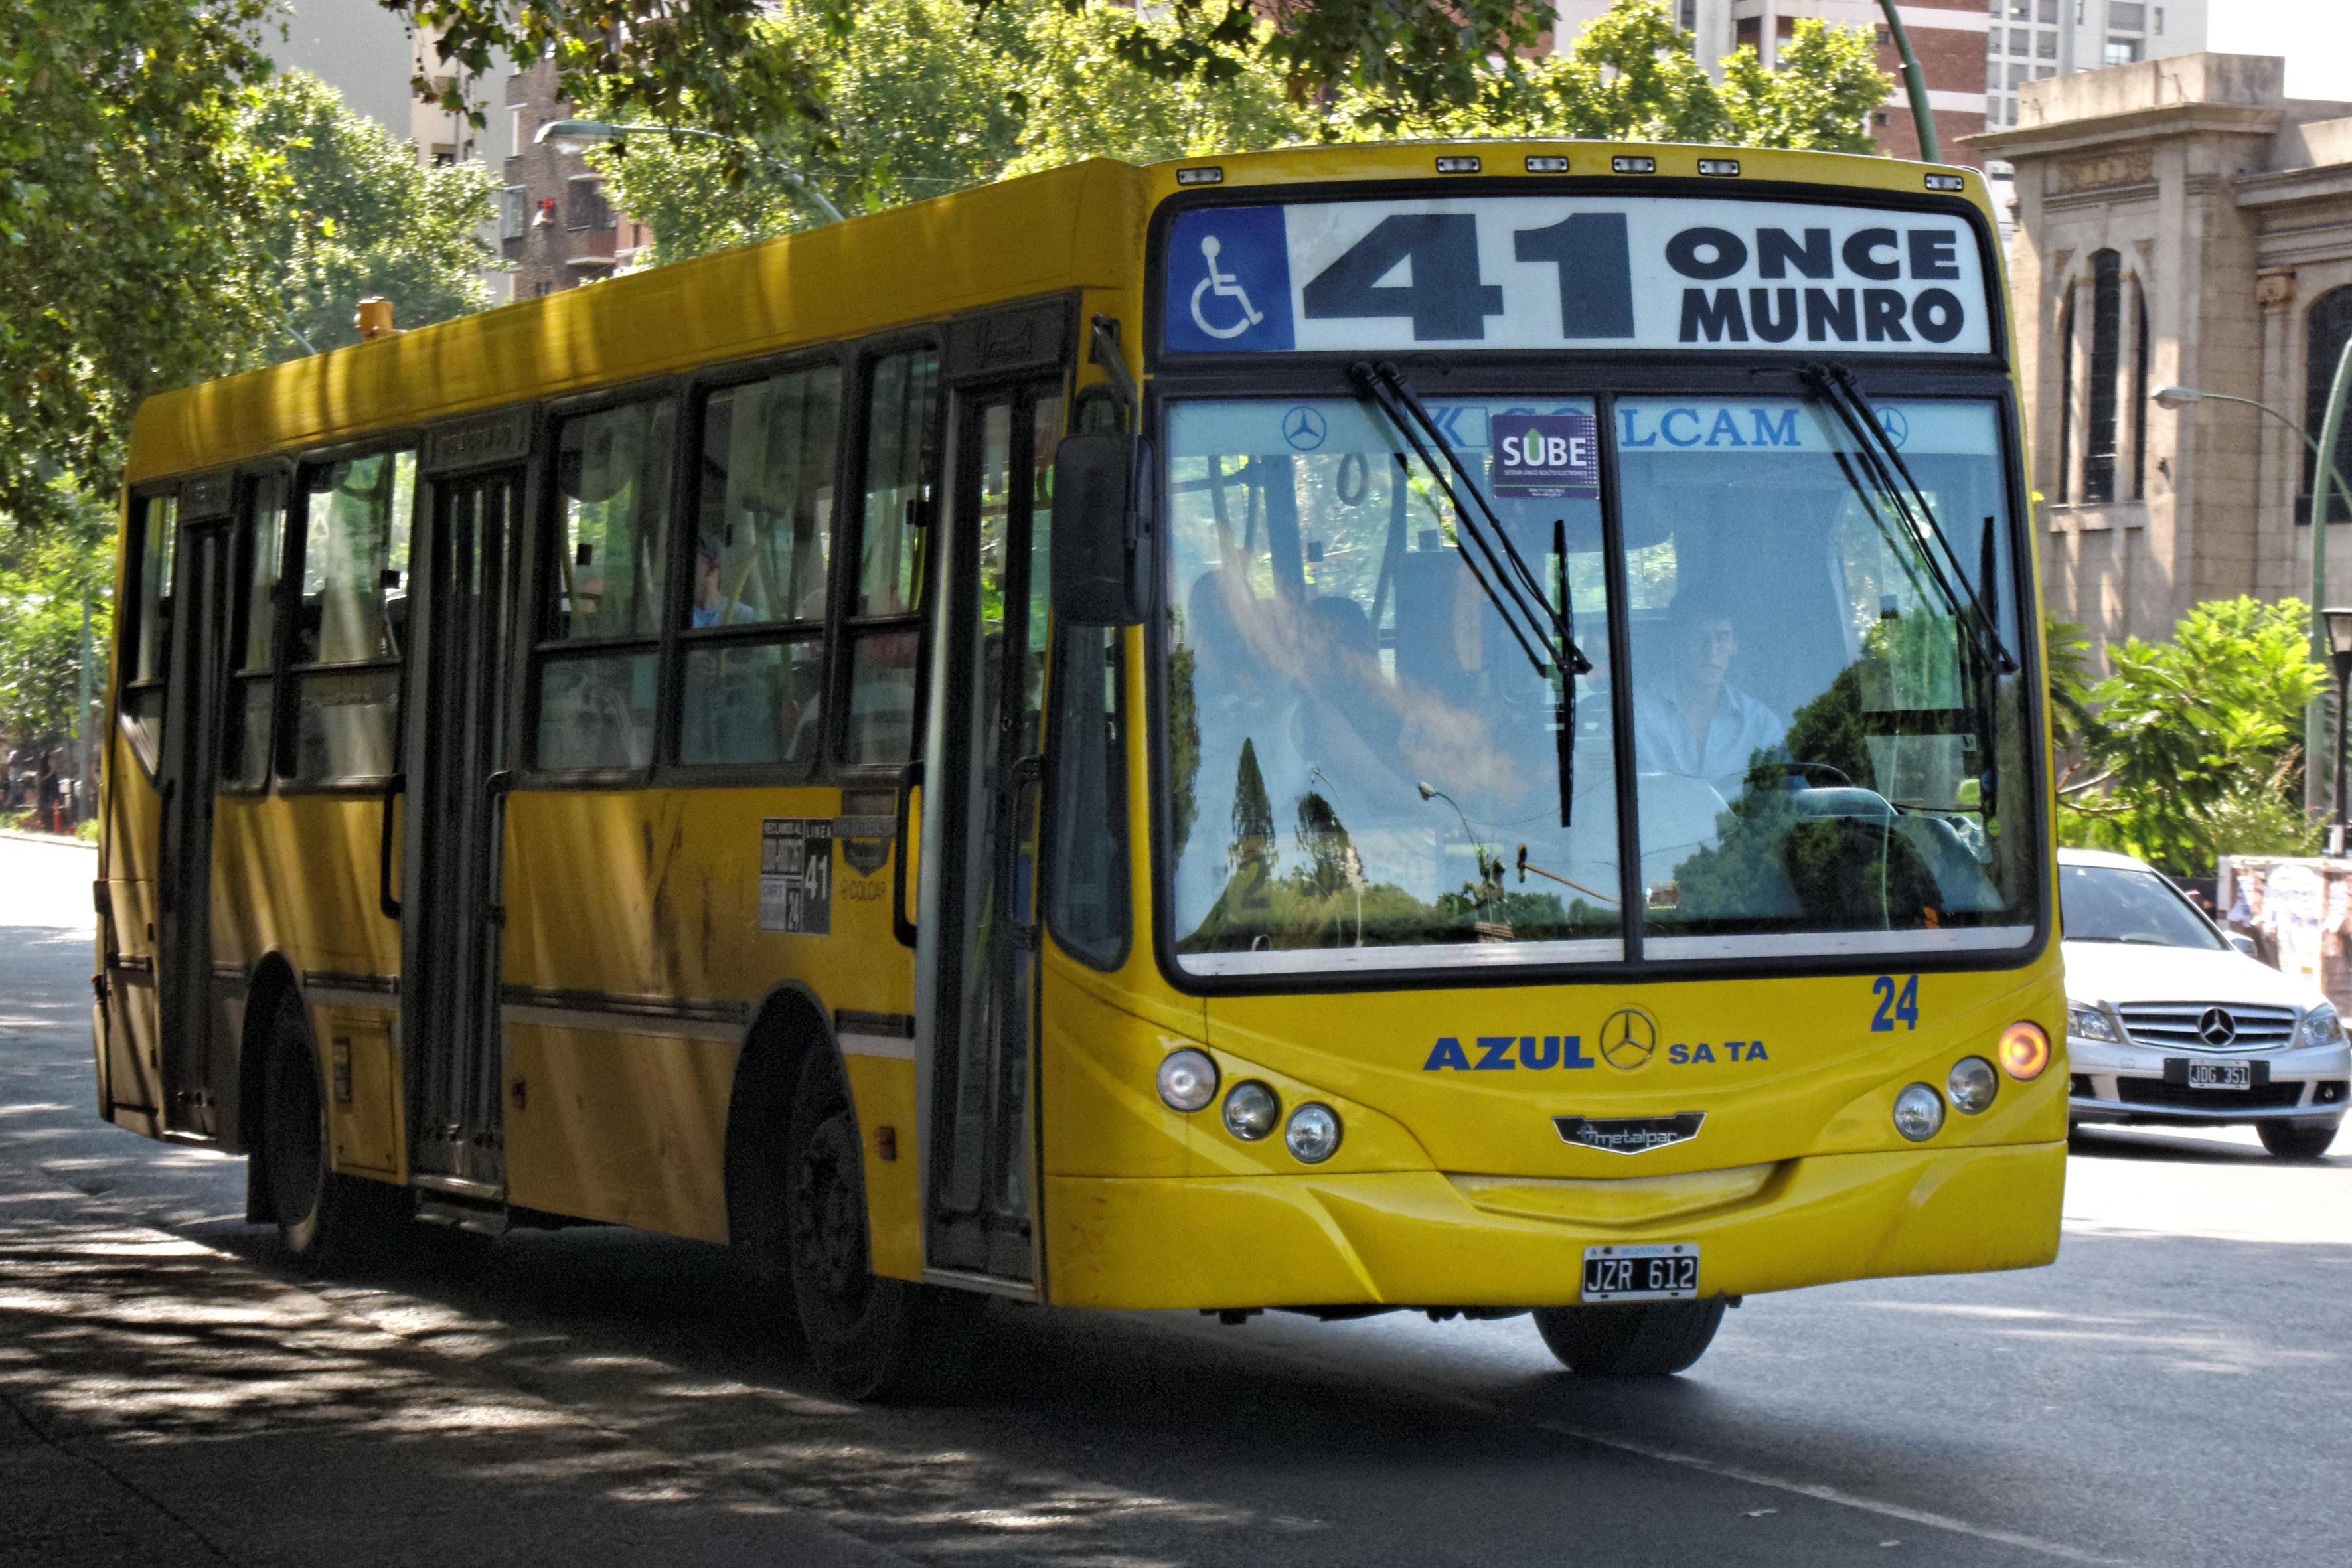 El hilo de las mil imágenes - Página 3 Buenos_Aires_-_Colectivo_41_-_120227_154241